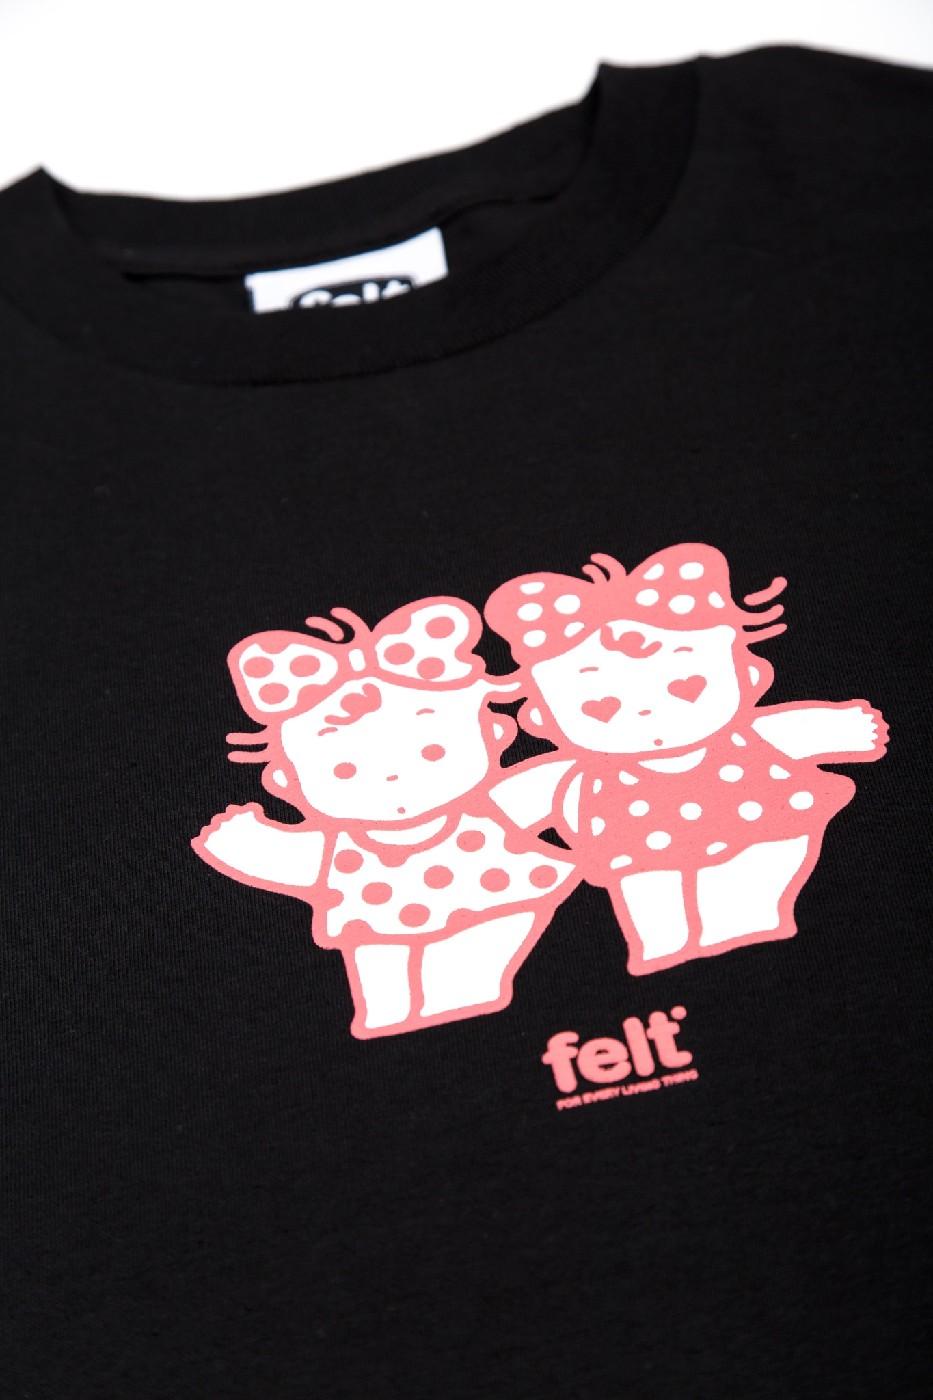 【FELT/フェルト】SHIBUYA TWINS T-SHIRT Tシャツ / BLK